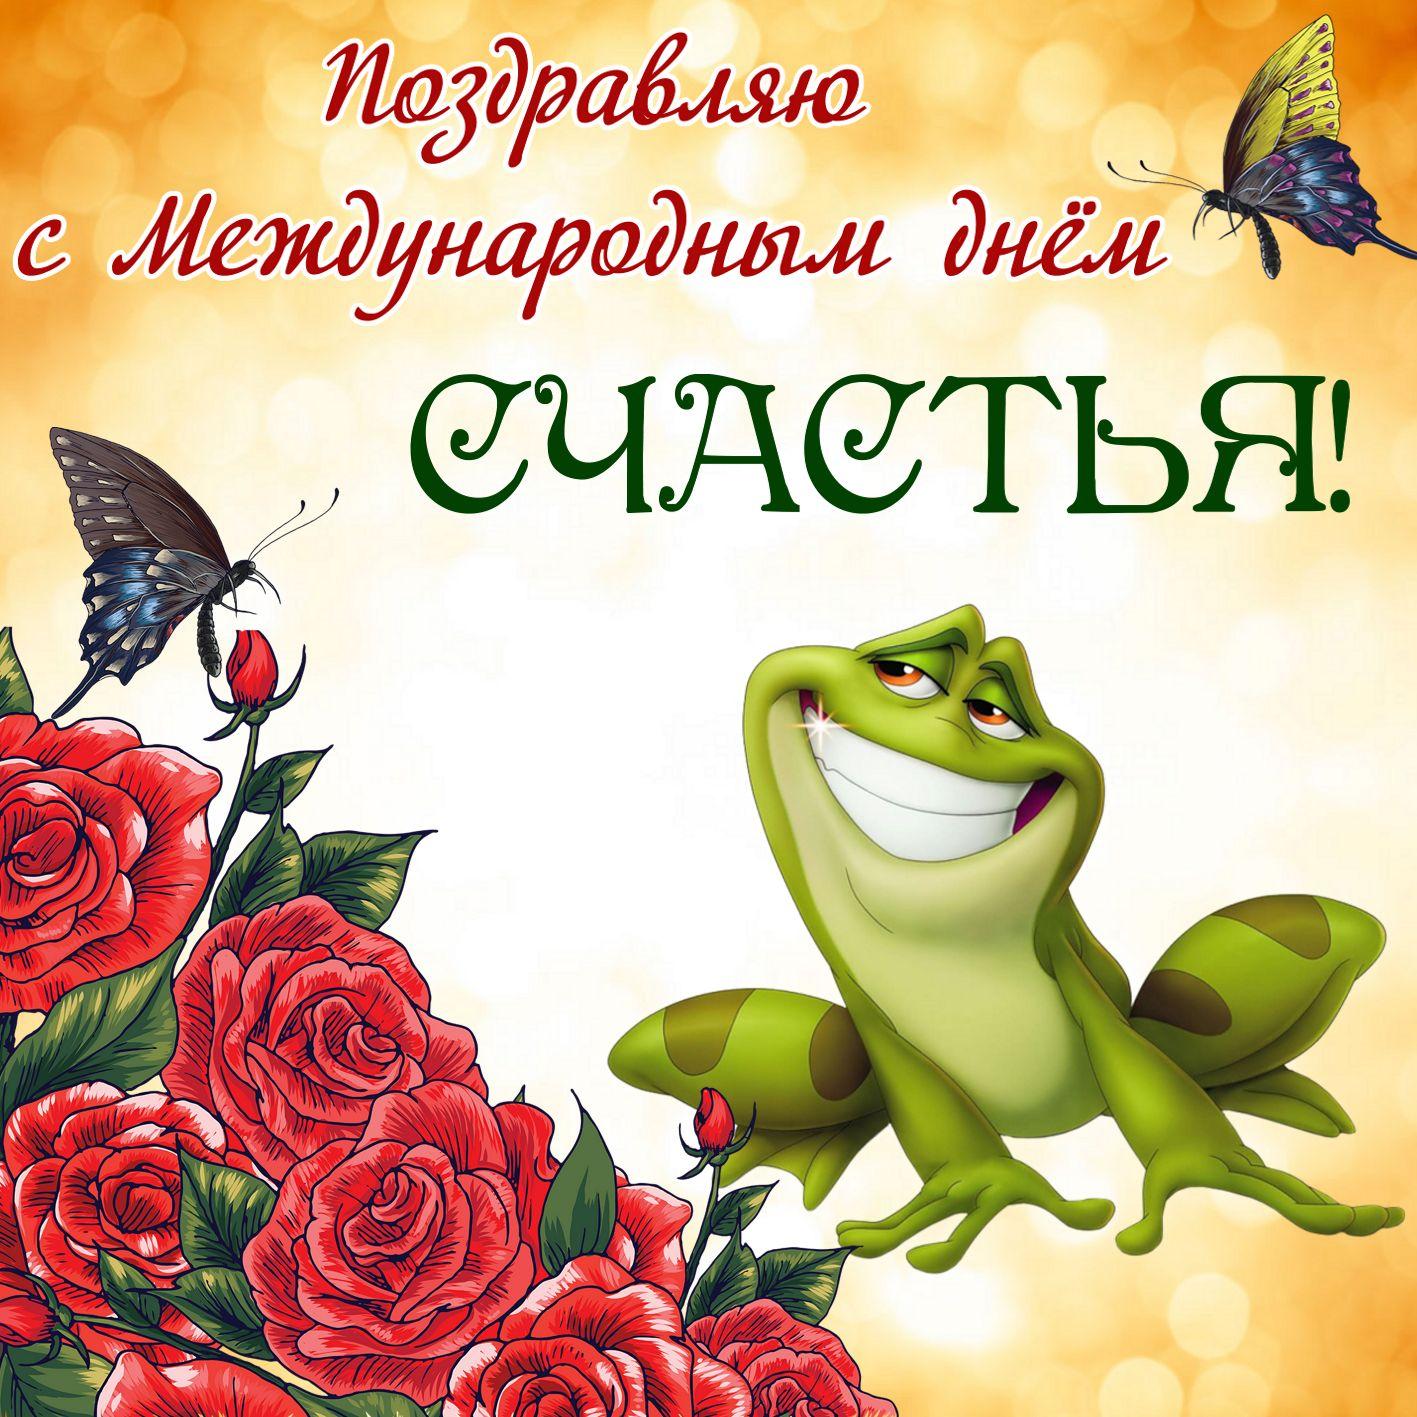 С международным днем счастья картинки красивые